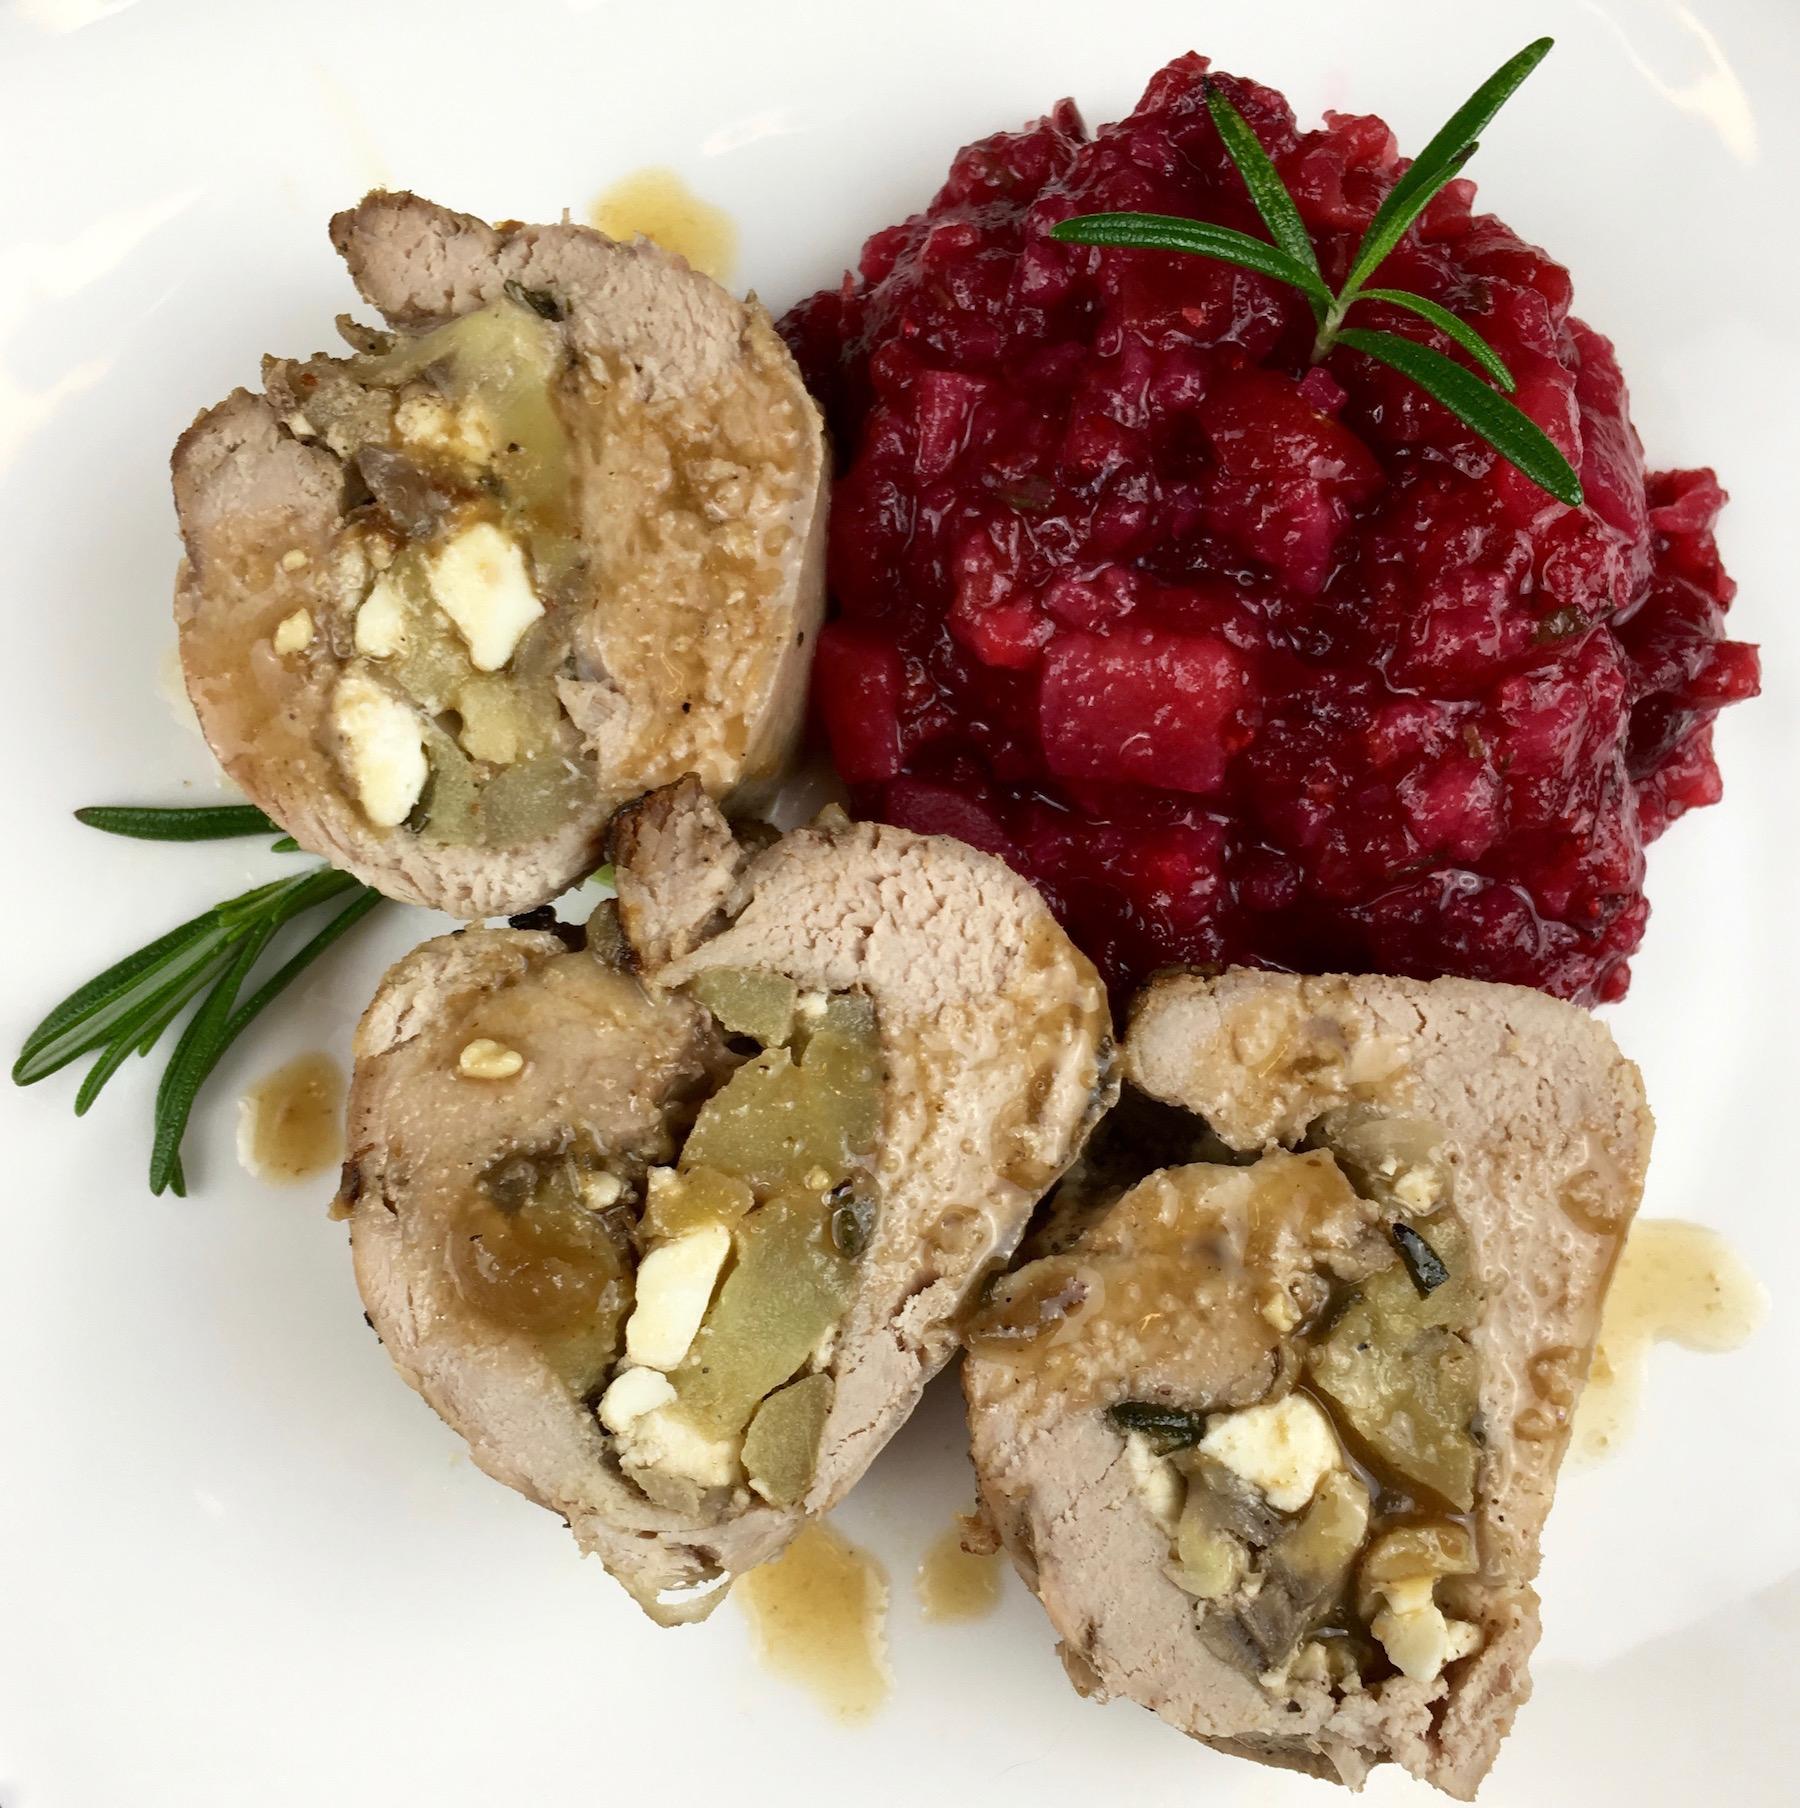 Pork Tenderloin plated for dinner